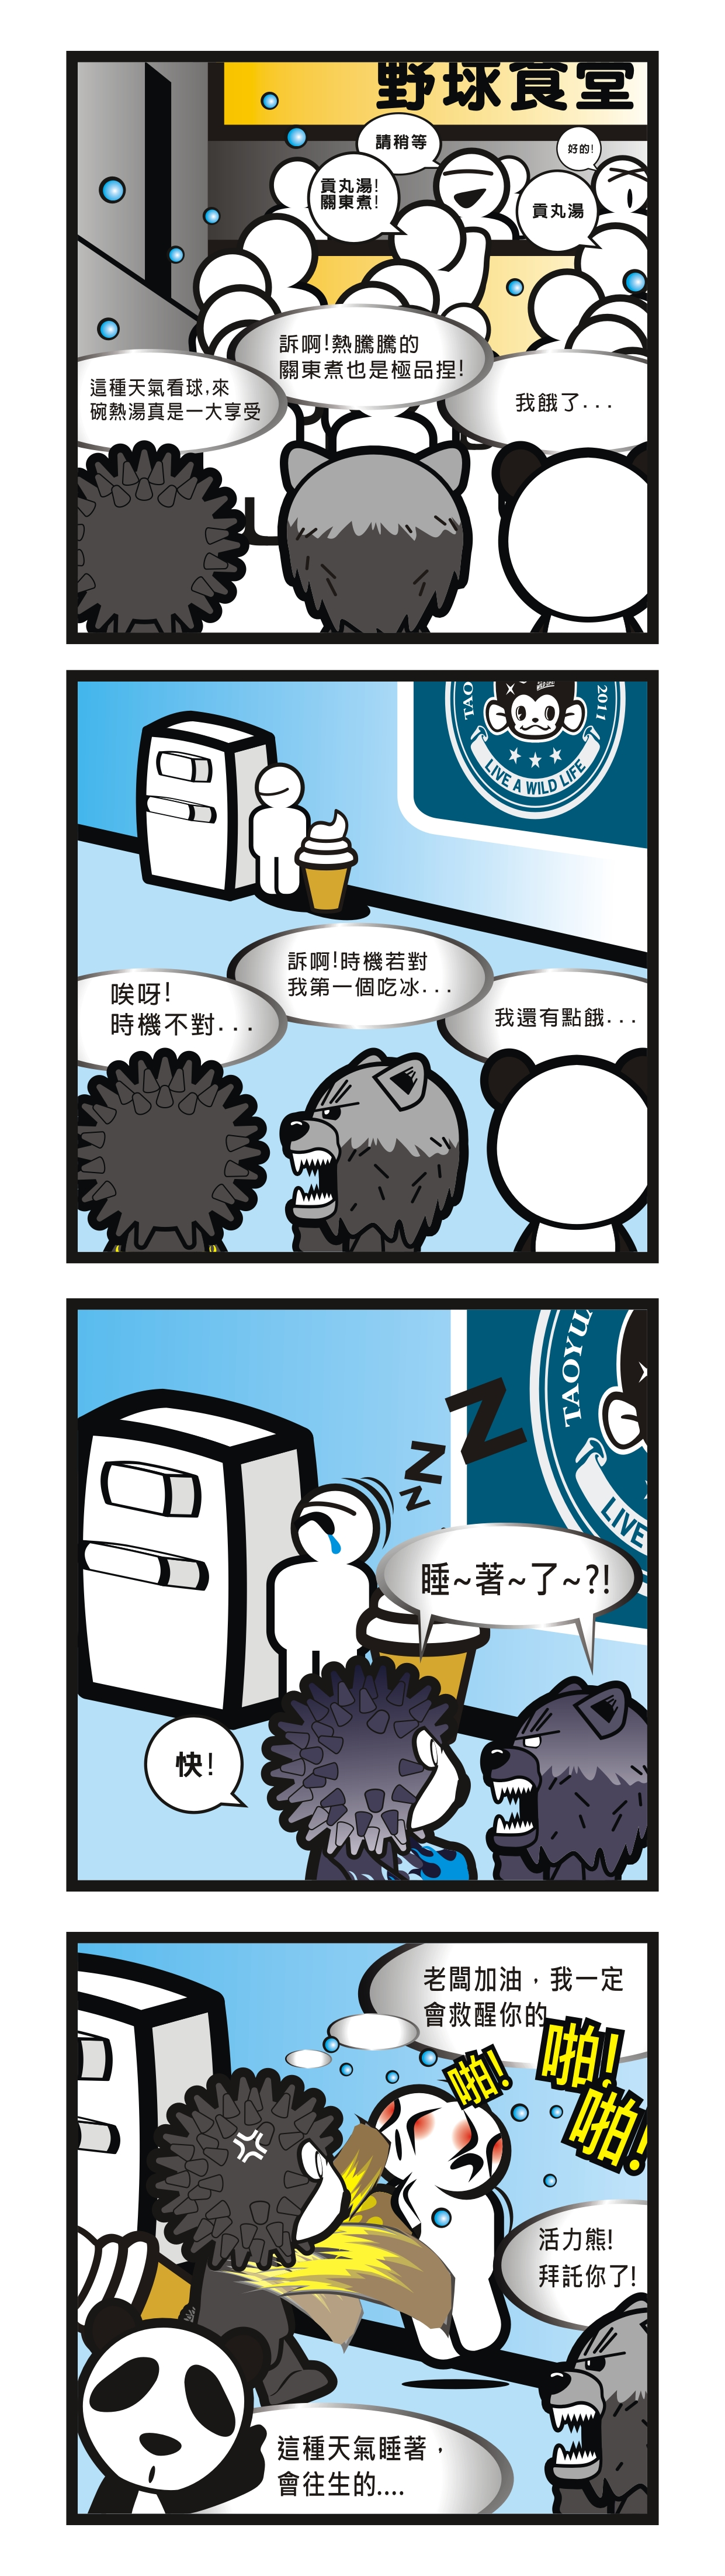 Vol.96 20110401